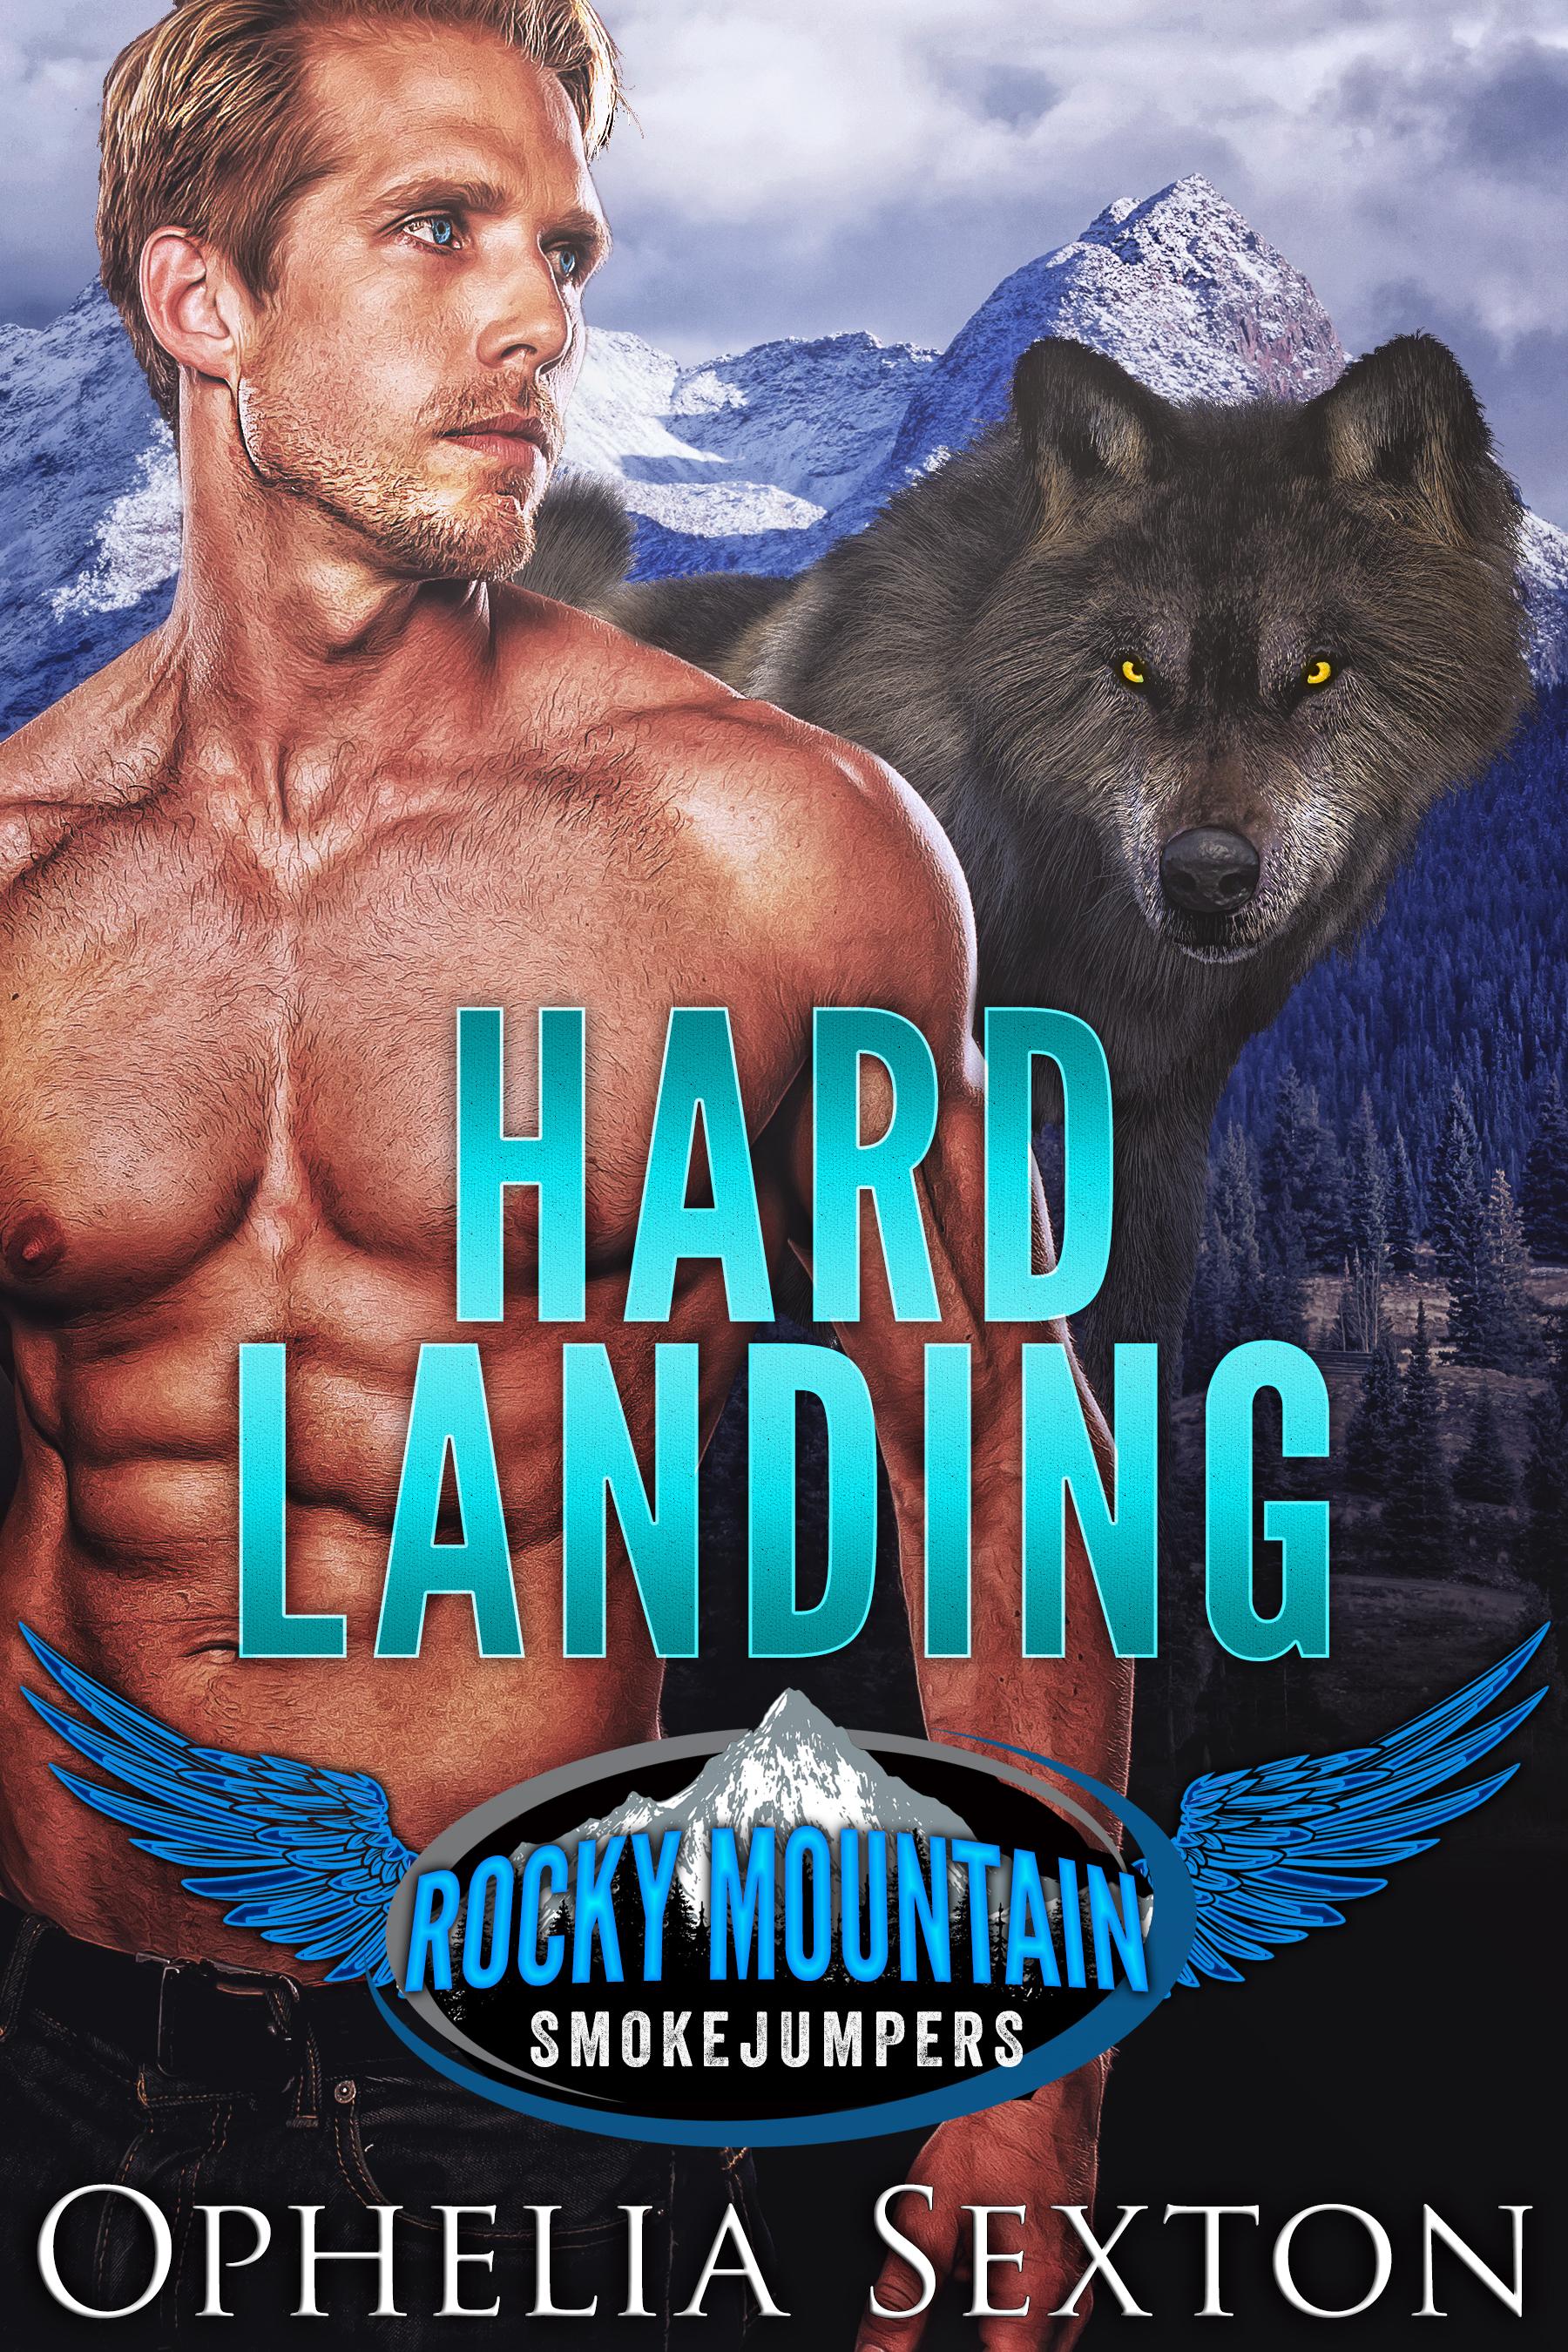 Hard Landing cover art